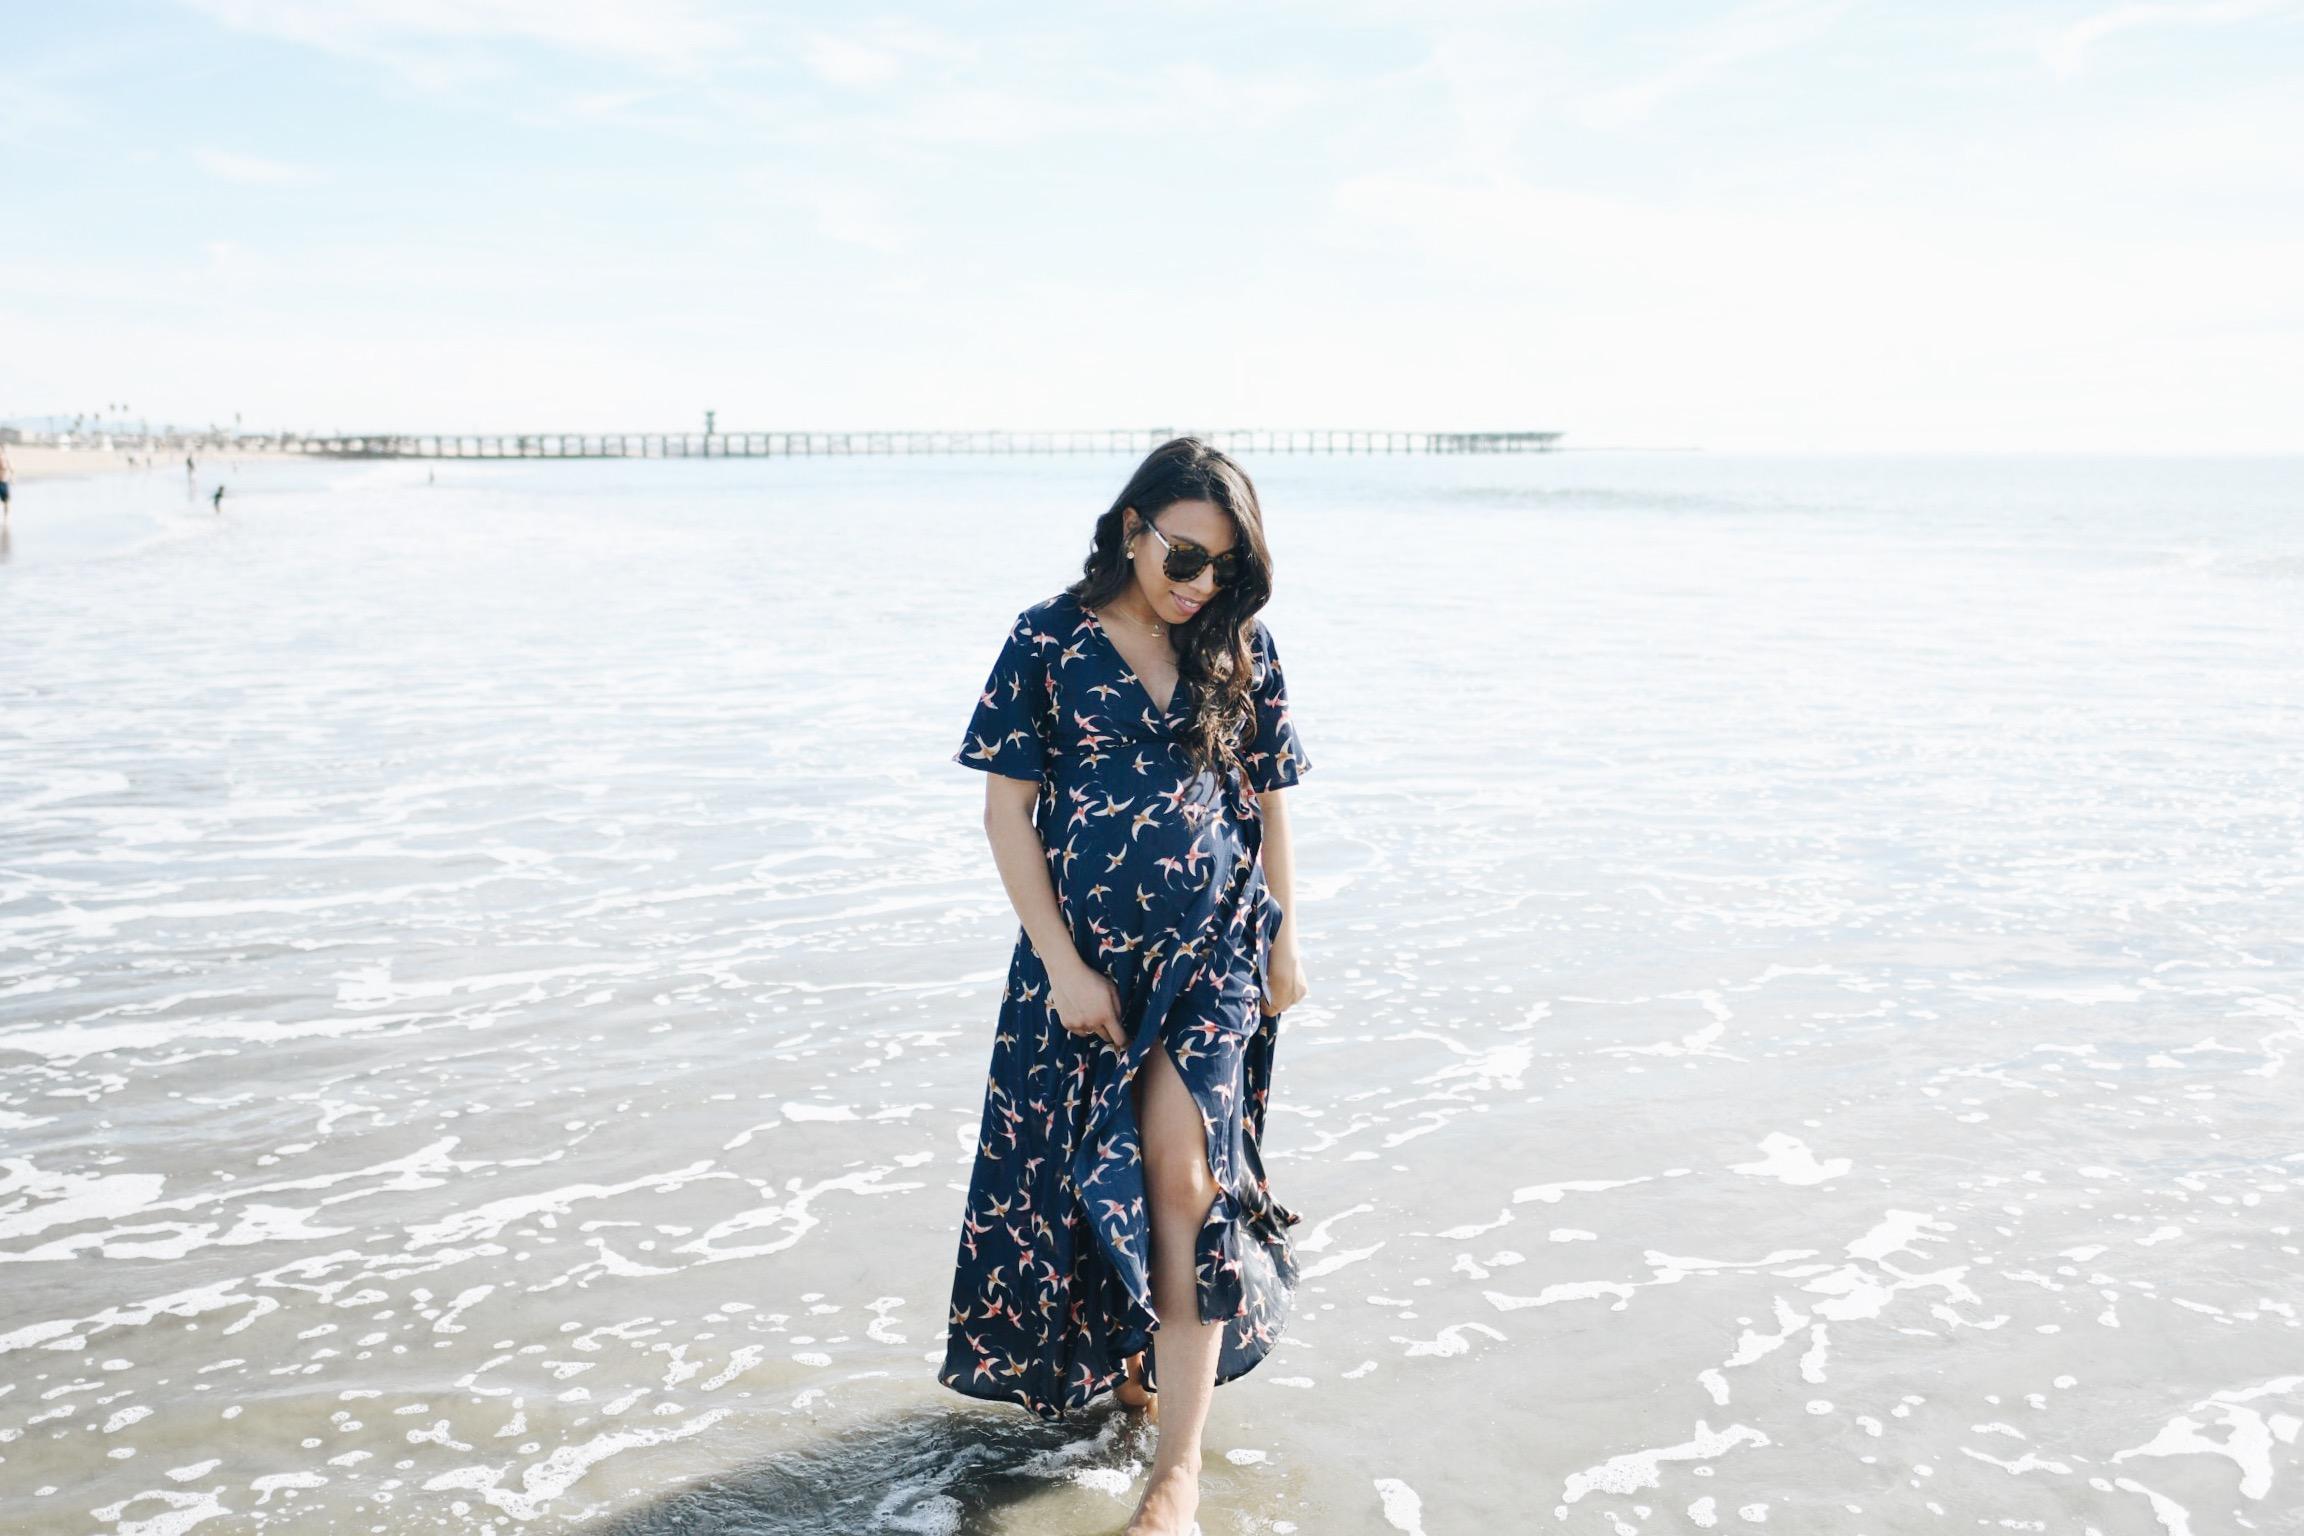 33 Weeks Pregnant | Seal Beach, California